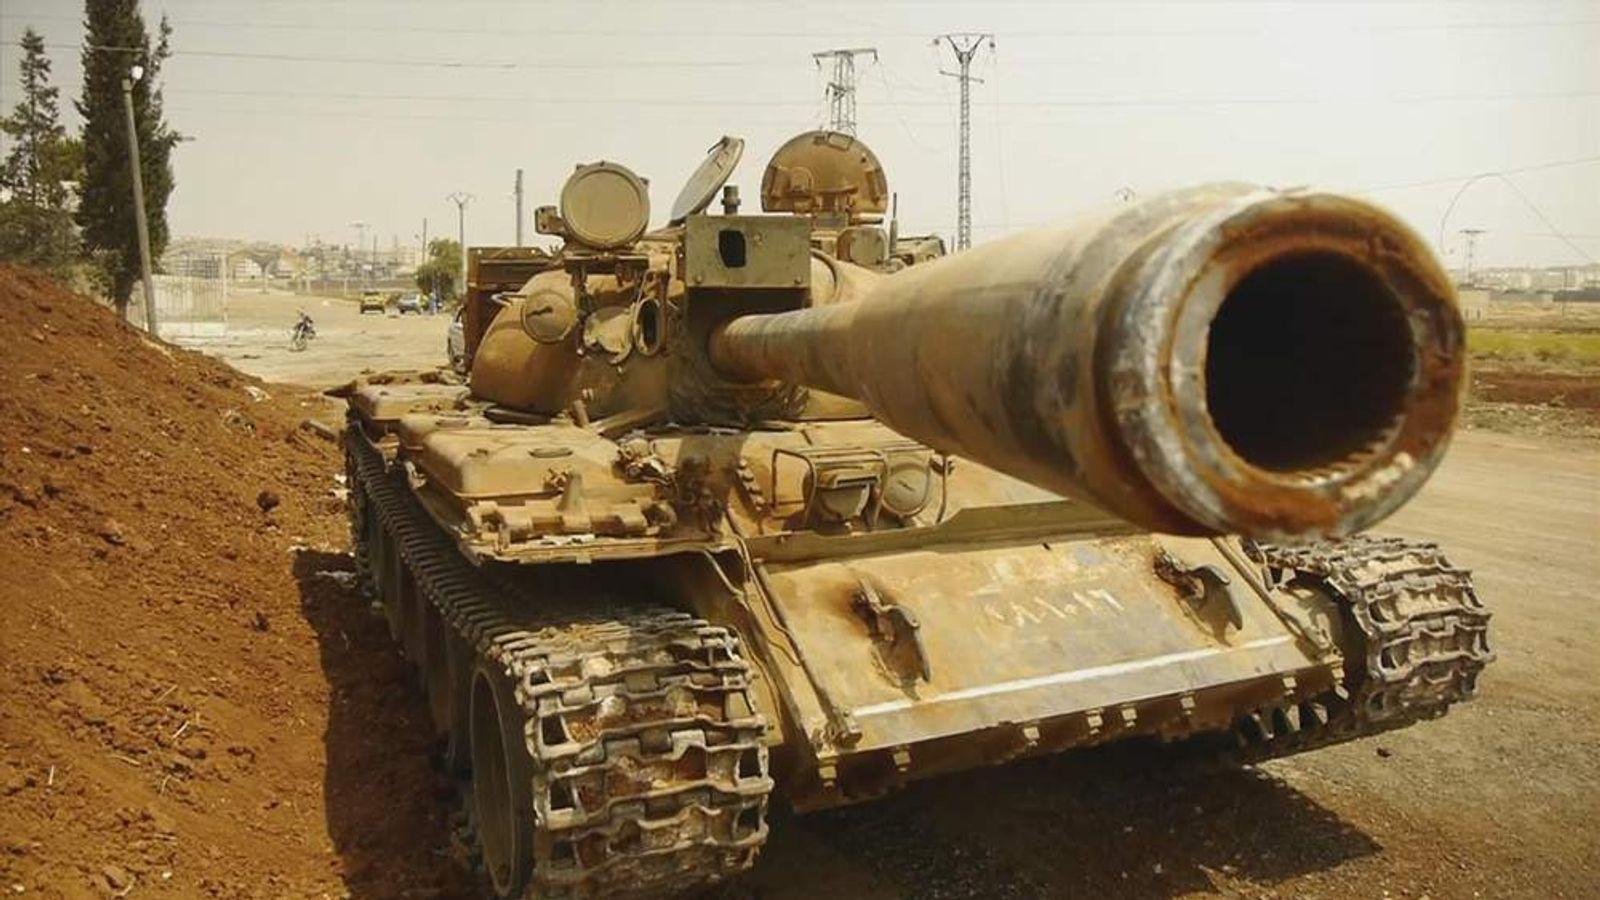 Syrian Tank near Aleppo in Syria